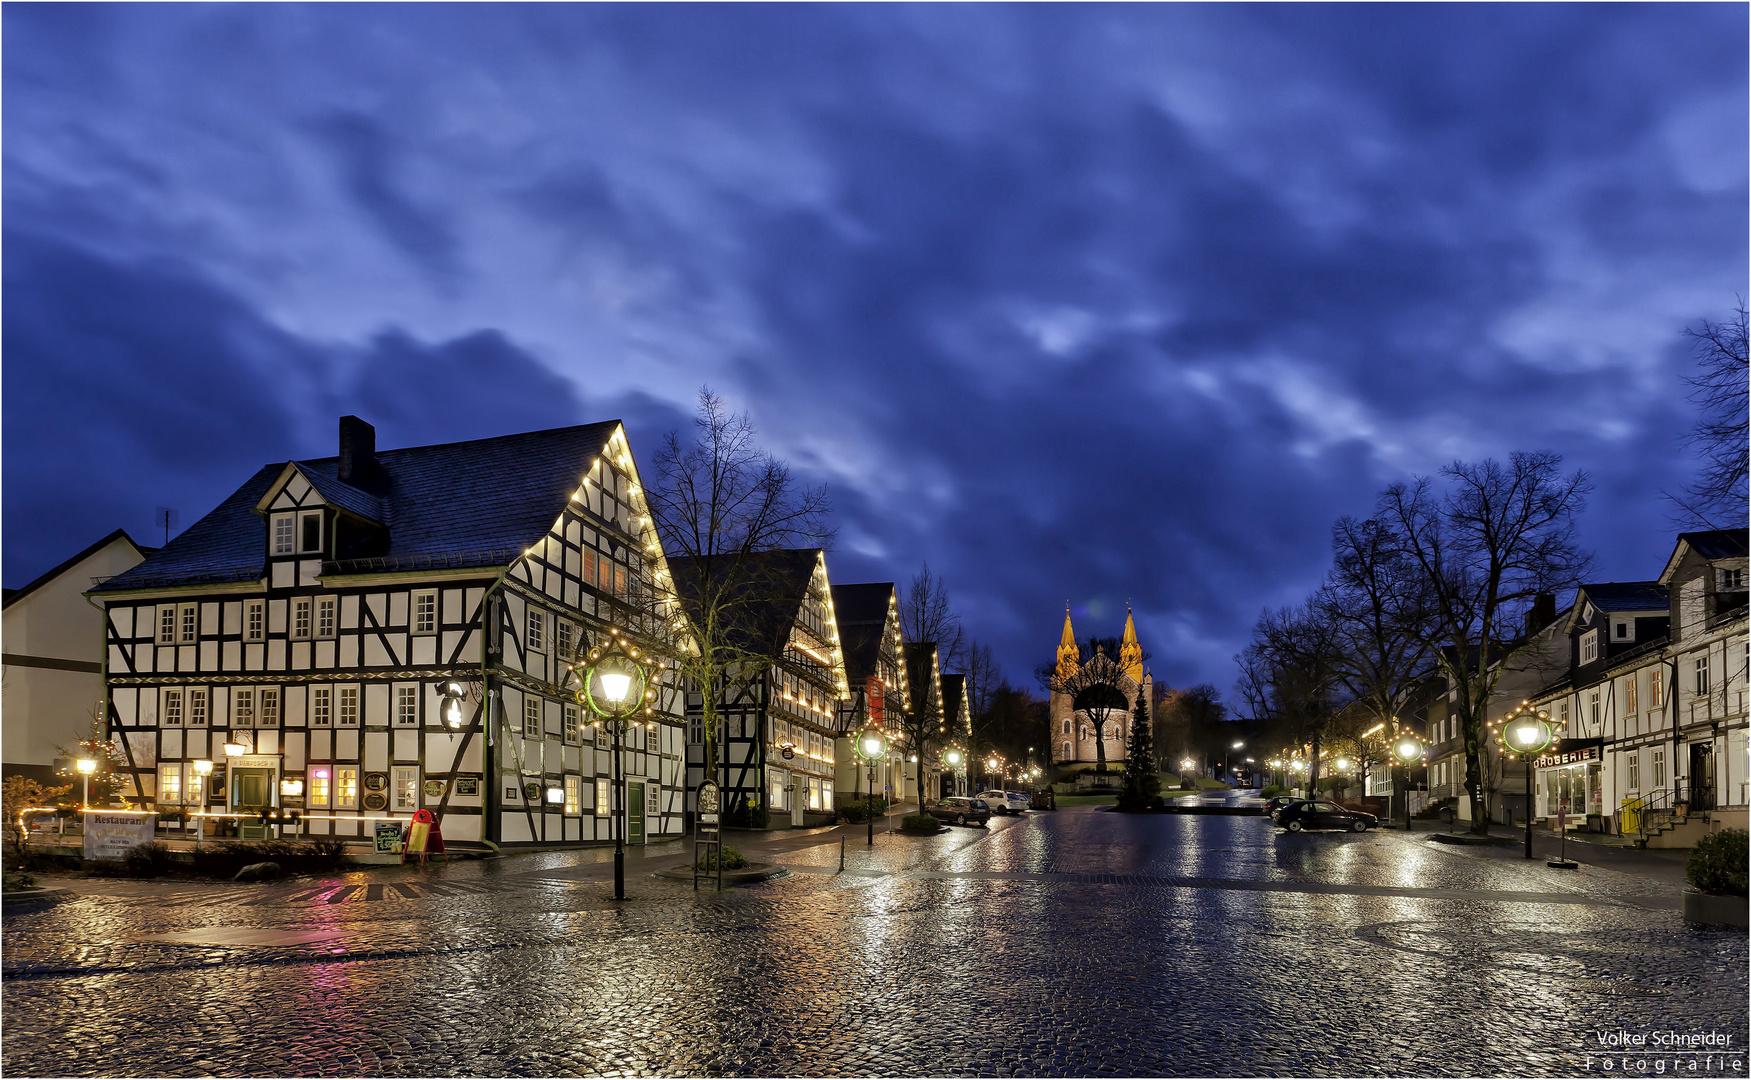 leuchtender alter Dorfflecken